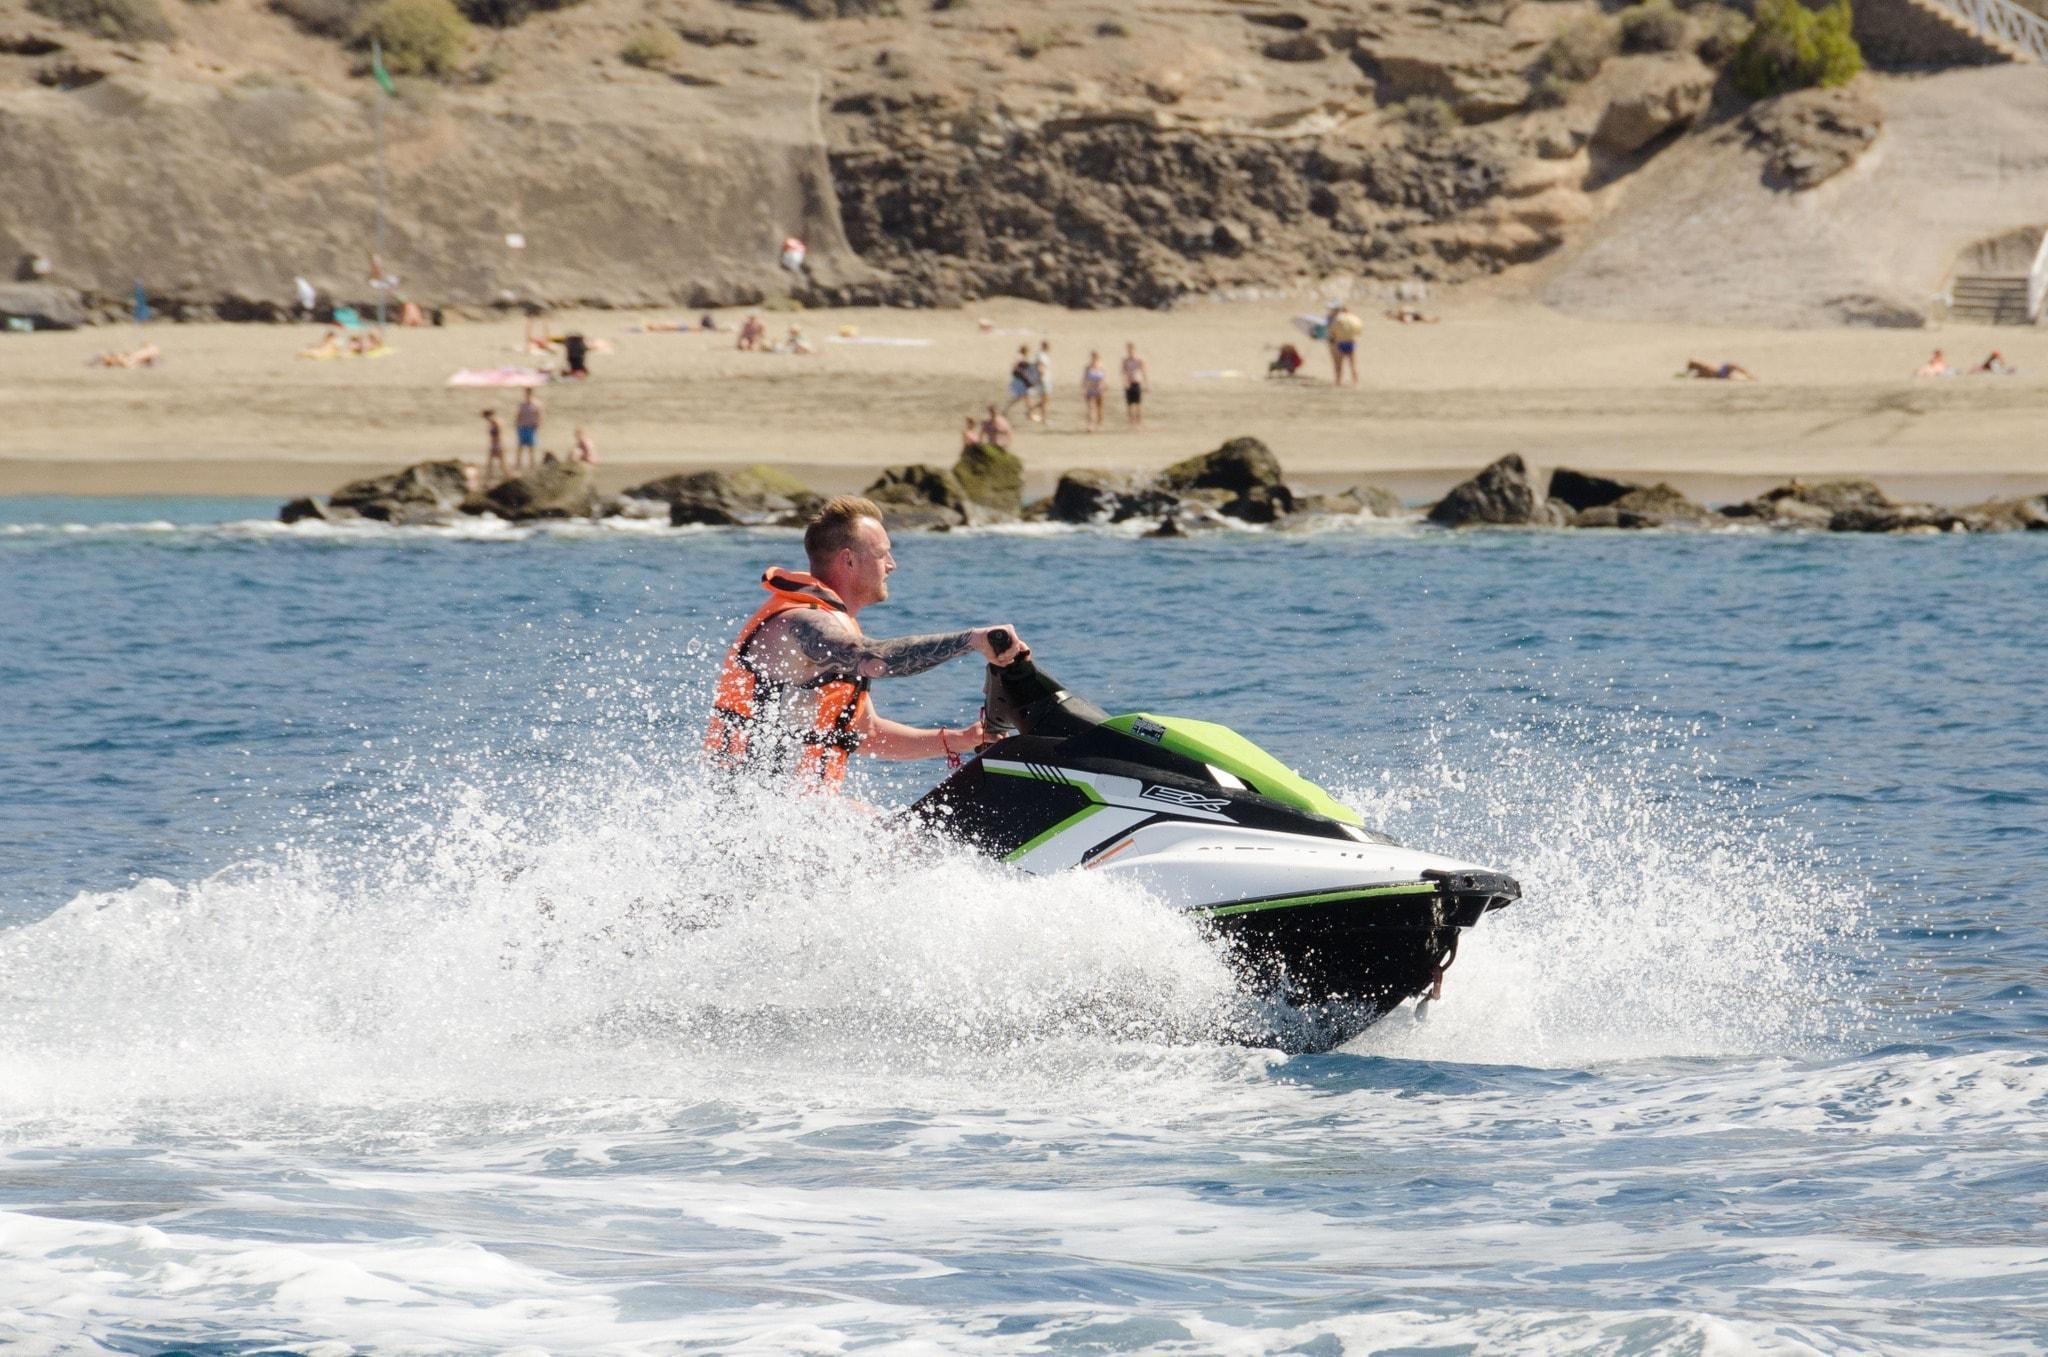 Jet Ski Safari to Los Gigantes from Costa Adeje